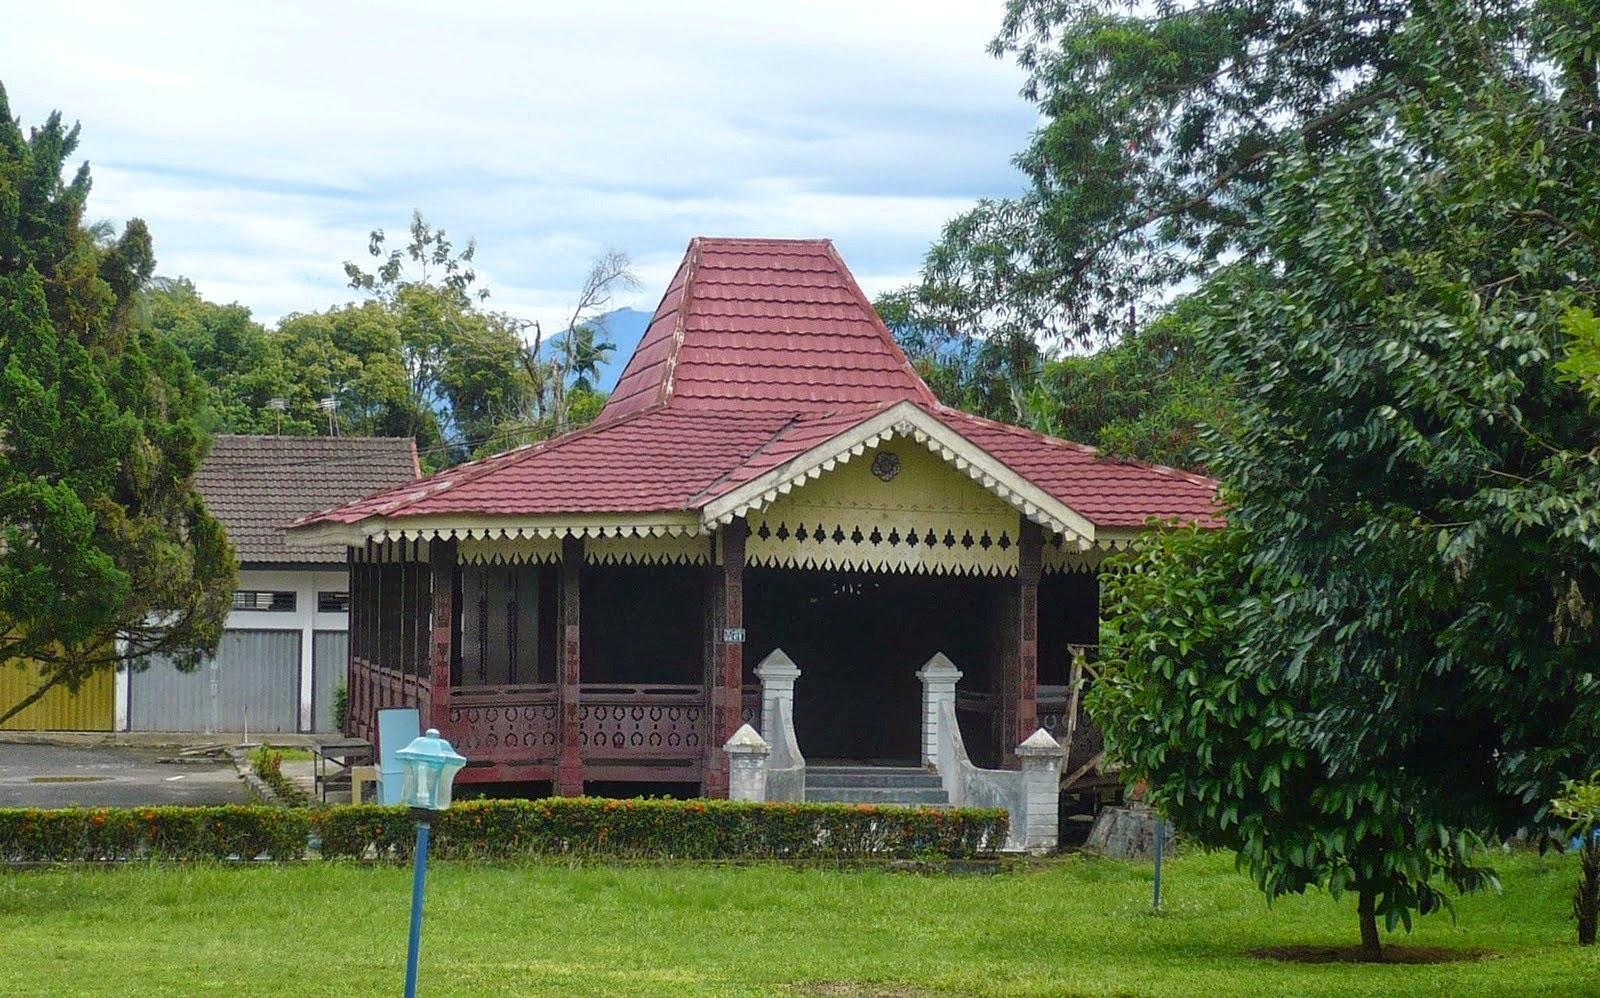 Rumah Adat Rakyat